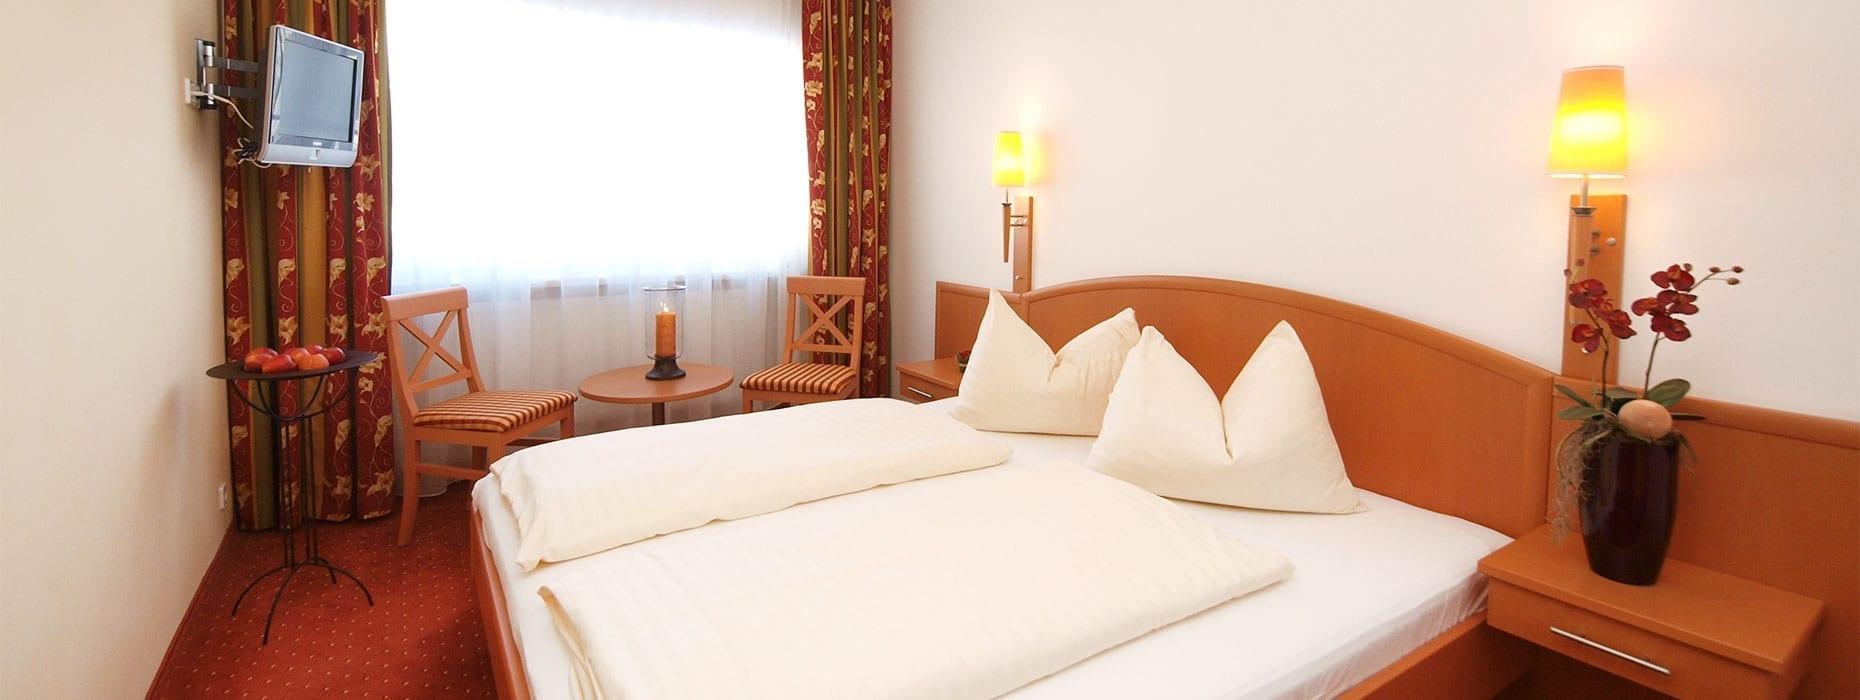 Gemütliche Zimmer in Obertauern, Hotel DER SAILER